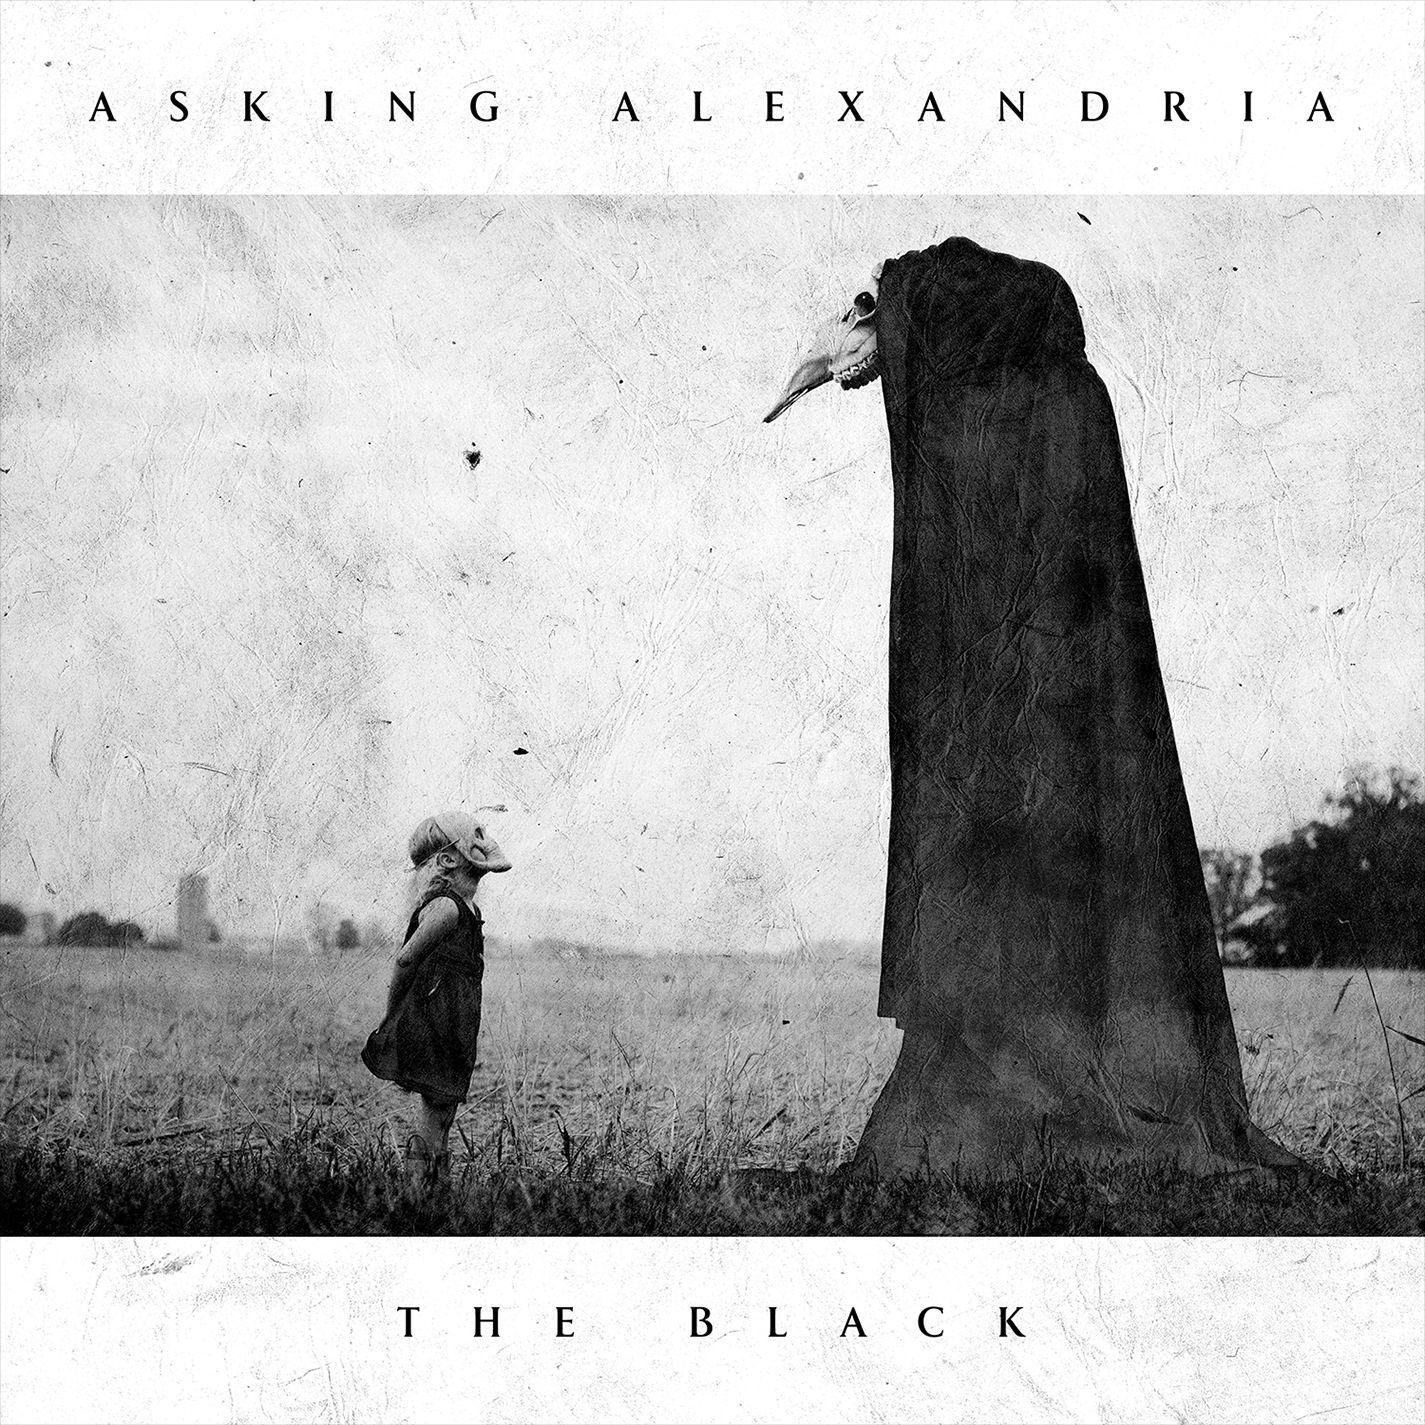 Asking alexandria.